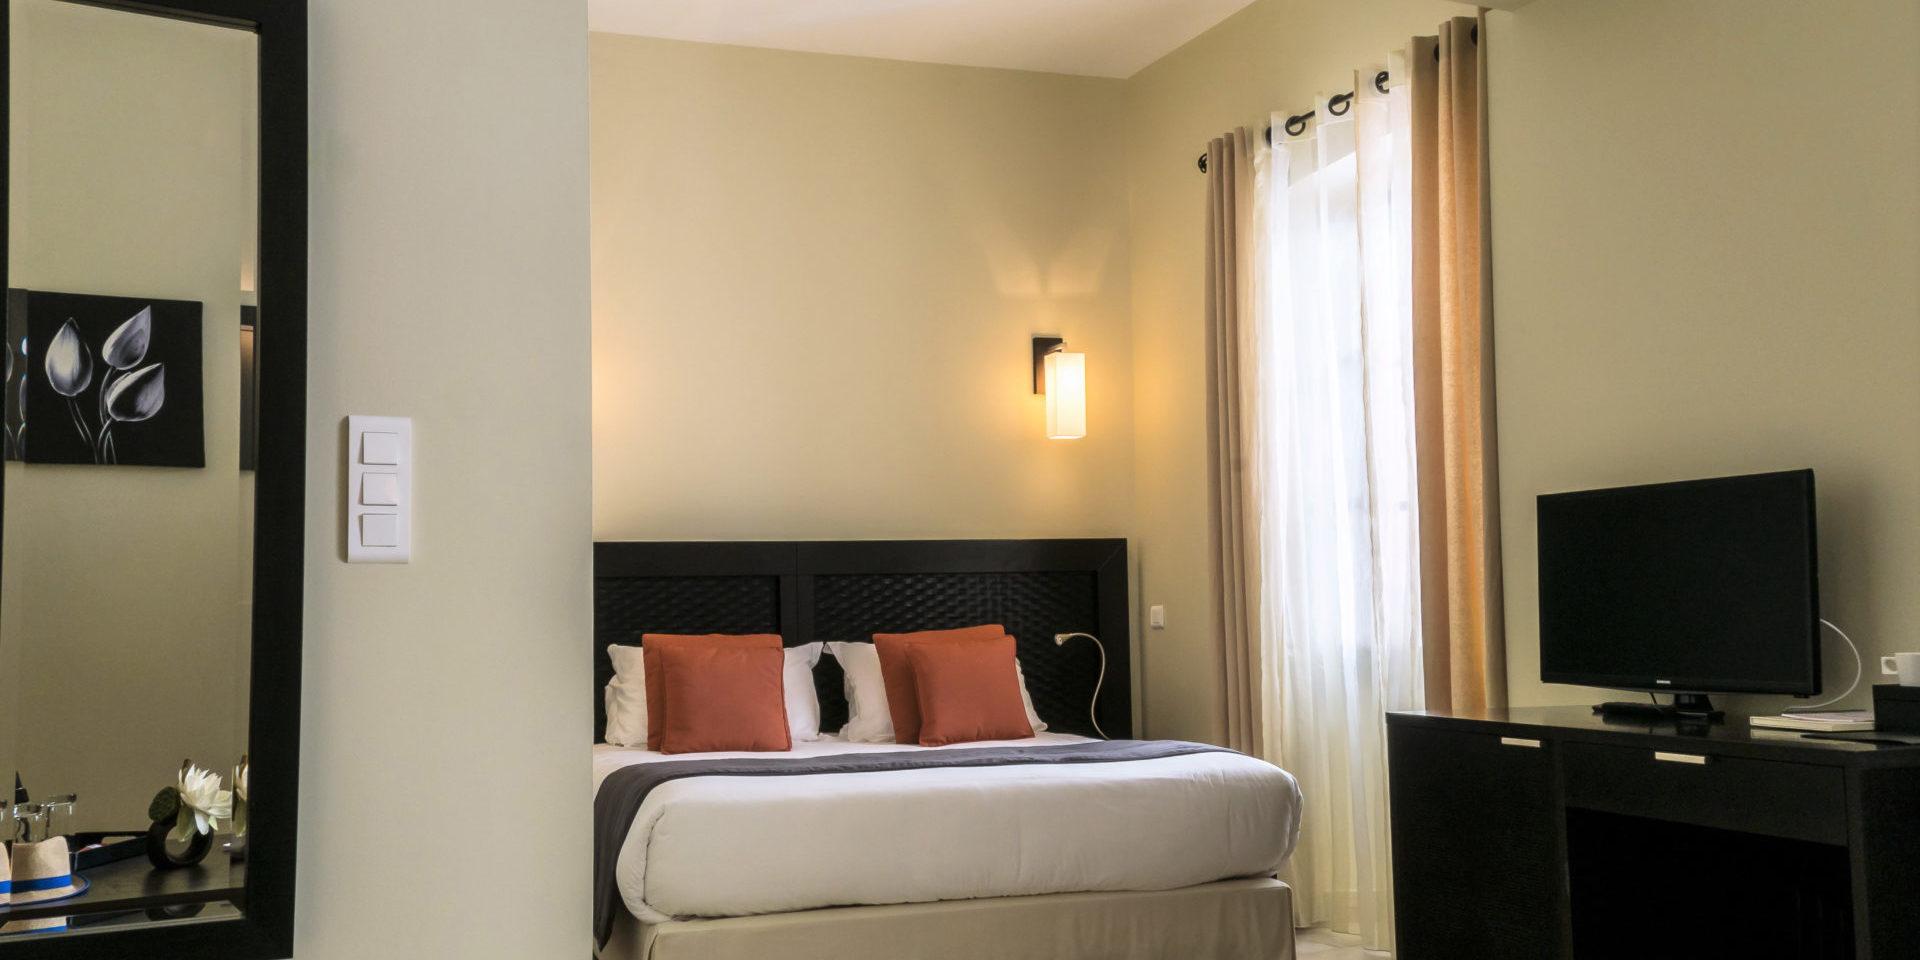 Hotel Perla Rossa Ile Rousse Corsica Frankrijk SkiMaquis OntdekCorsica junior suite tweepersoonsbed spiegel